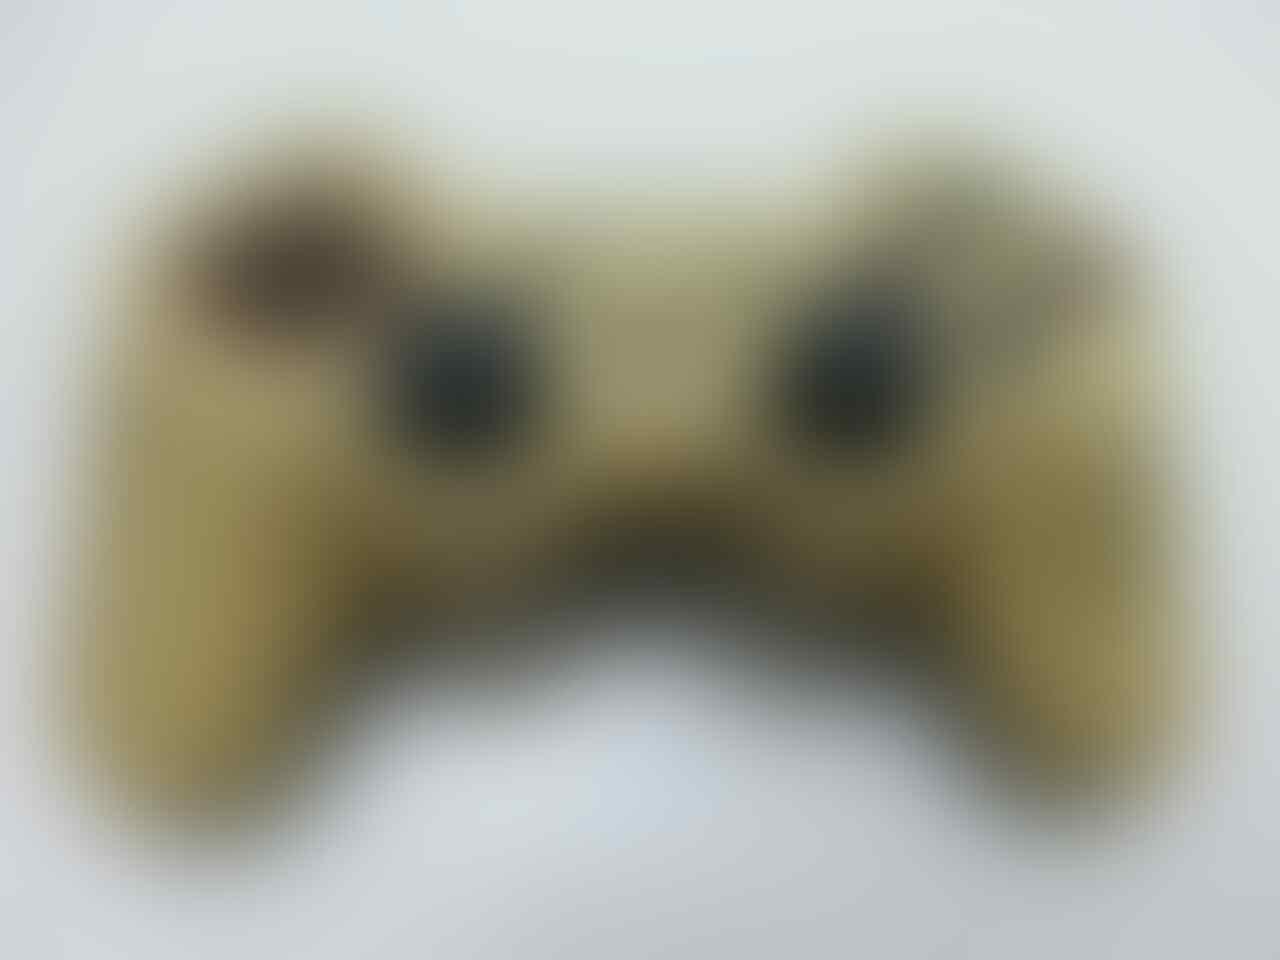 Mau jual/barter/tuker tambah games PS3 posting disini aja - Part 2